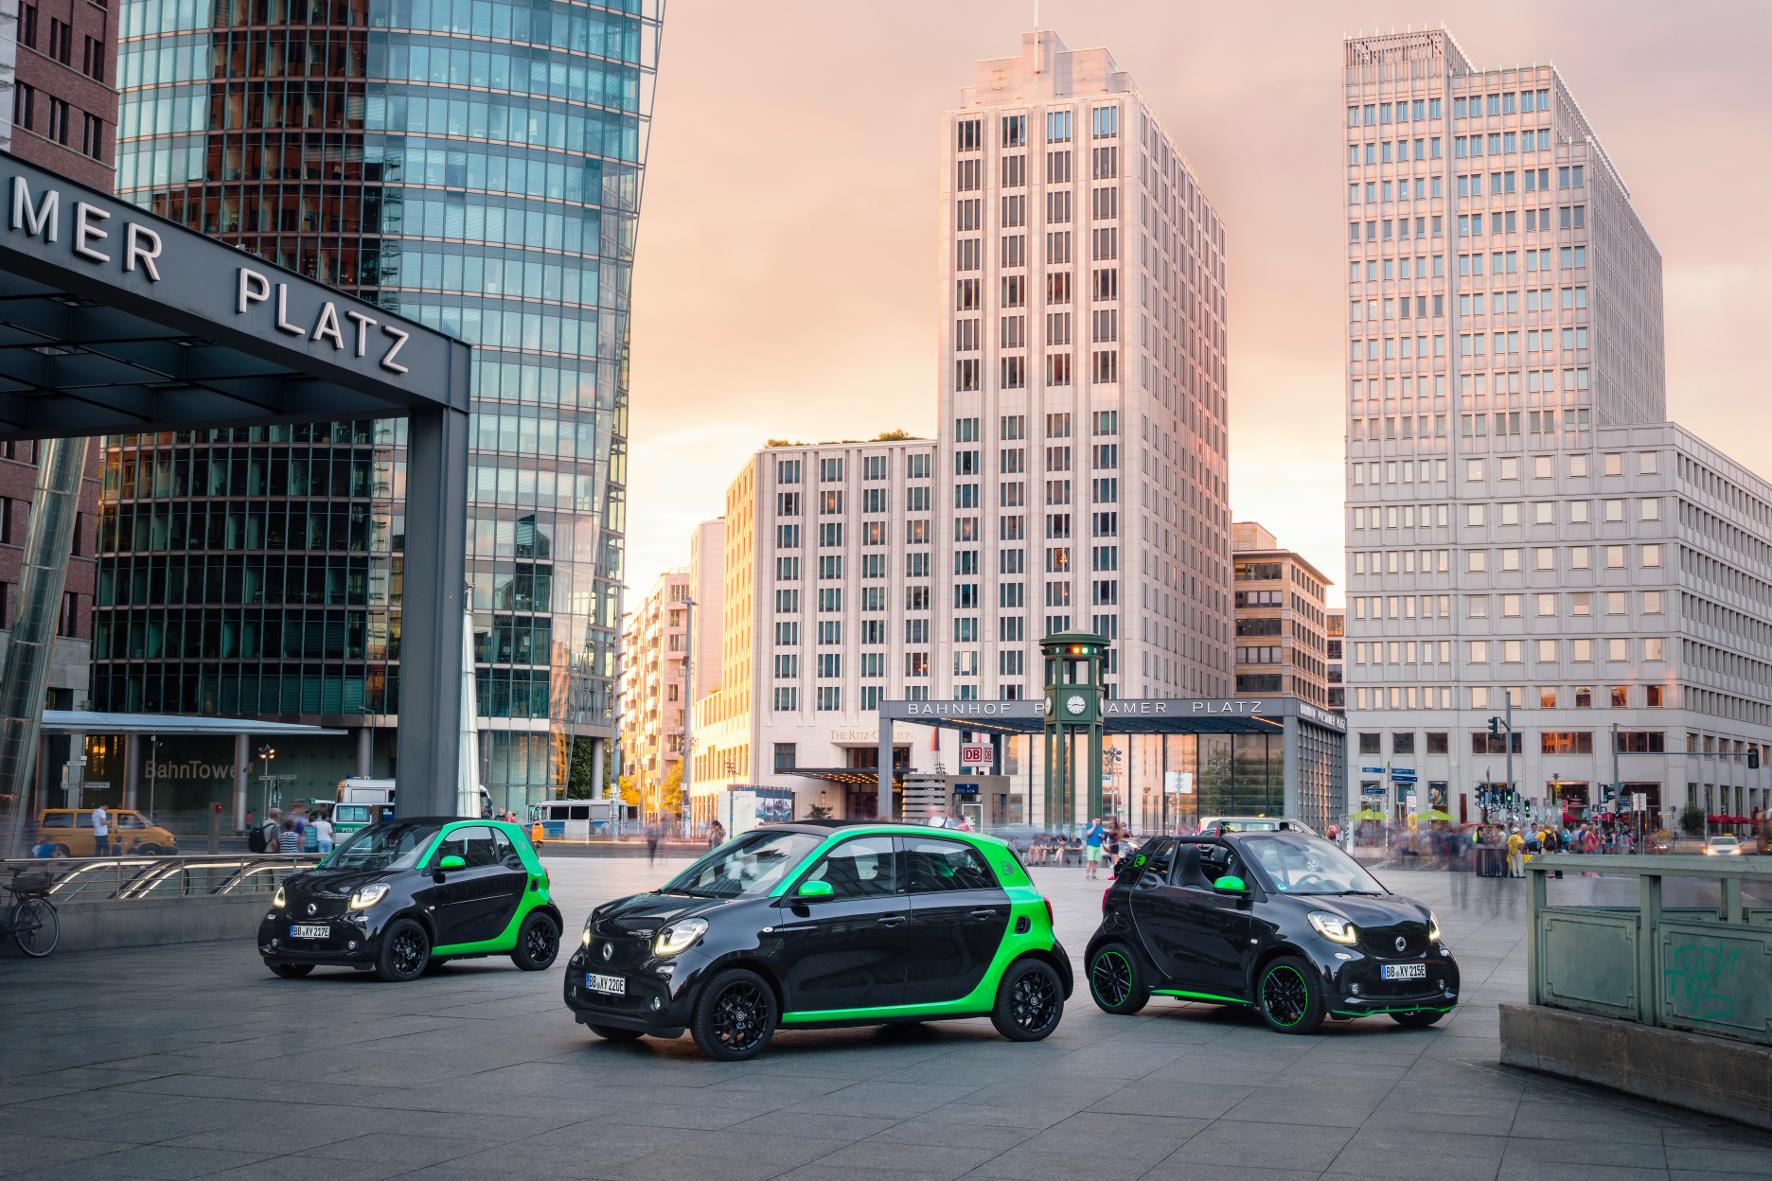 mid Groß-Gerau - Jetzt steht die komplette Smart-Familie unter Strom: Nach dem Fortwo Coupé und dem Cabrio fährt jetzt erstmals auch der Forfour (Mitte) rein elektrisch vor.